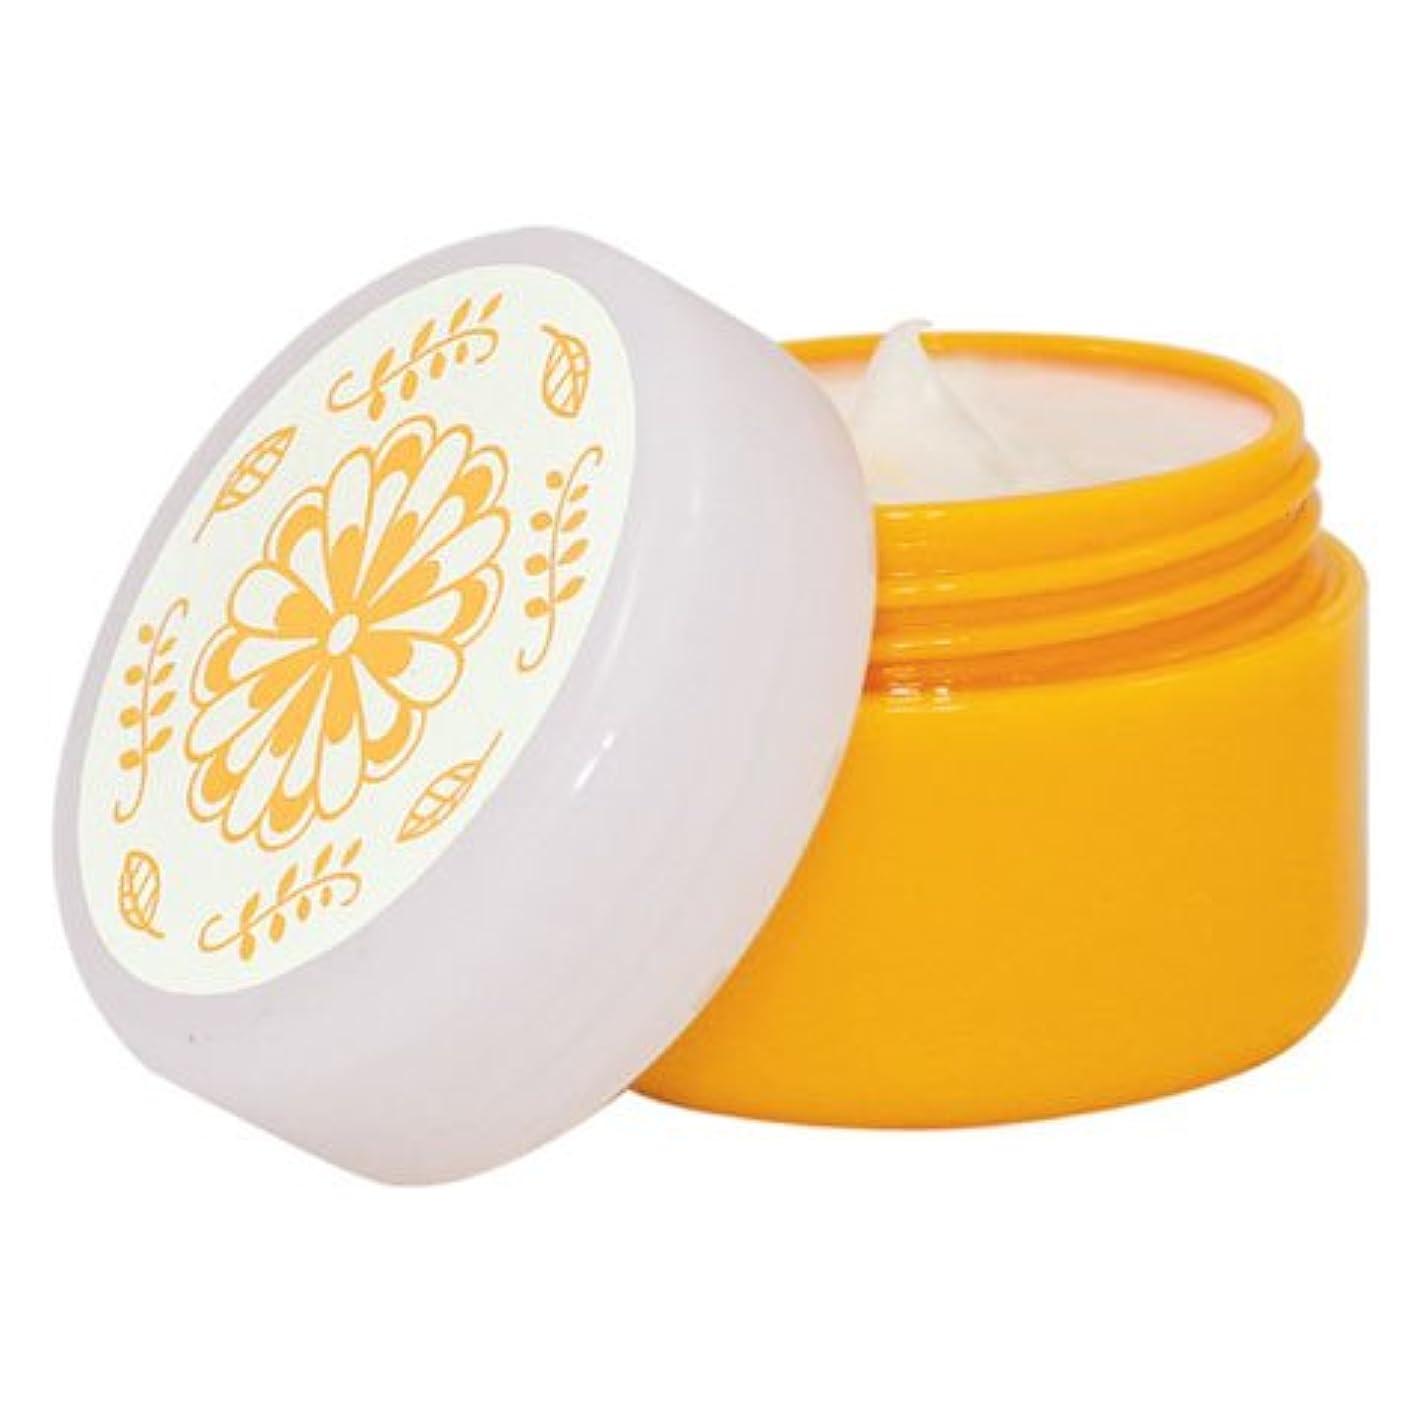 メイド持ってる一掃するゴールドコスメ 夏のクリーム 40g